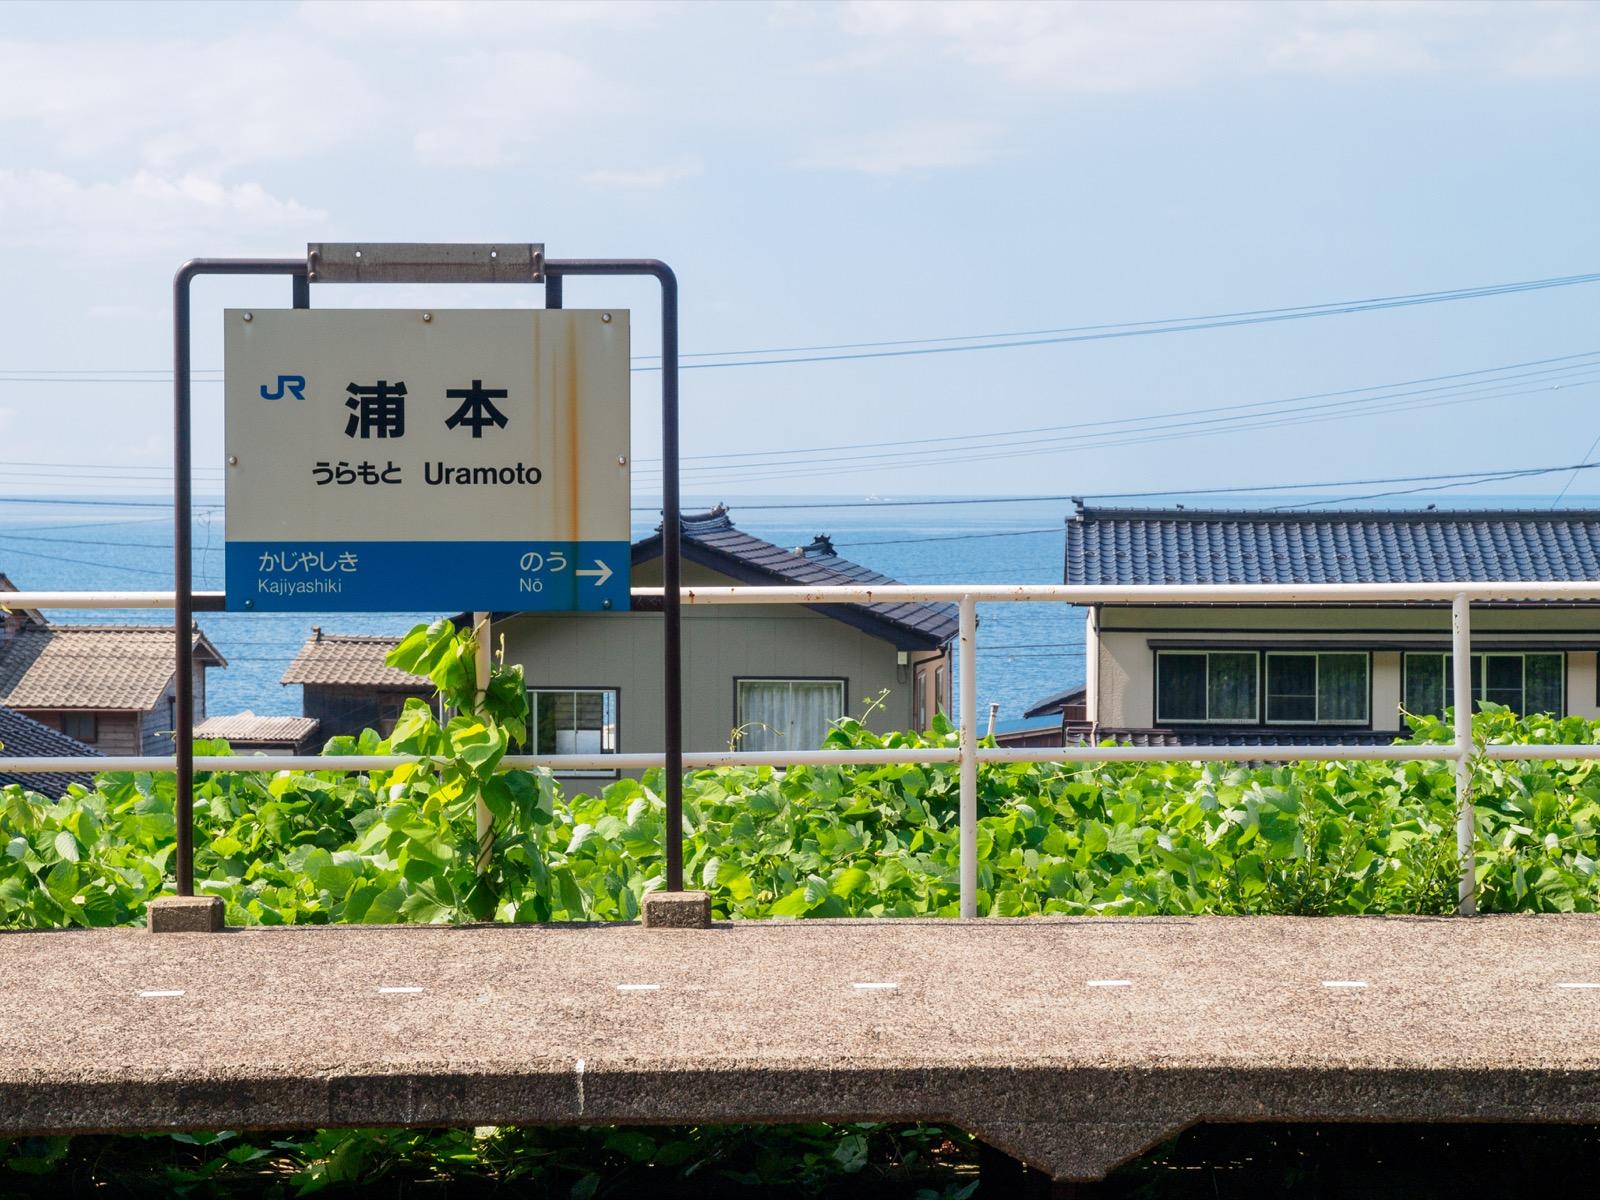 浦本駅のホームから見た日本海